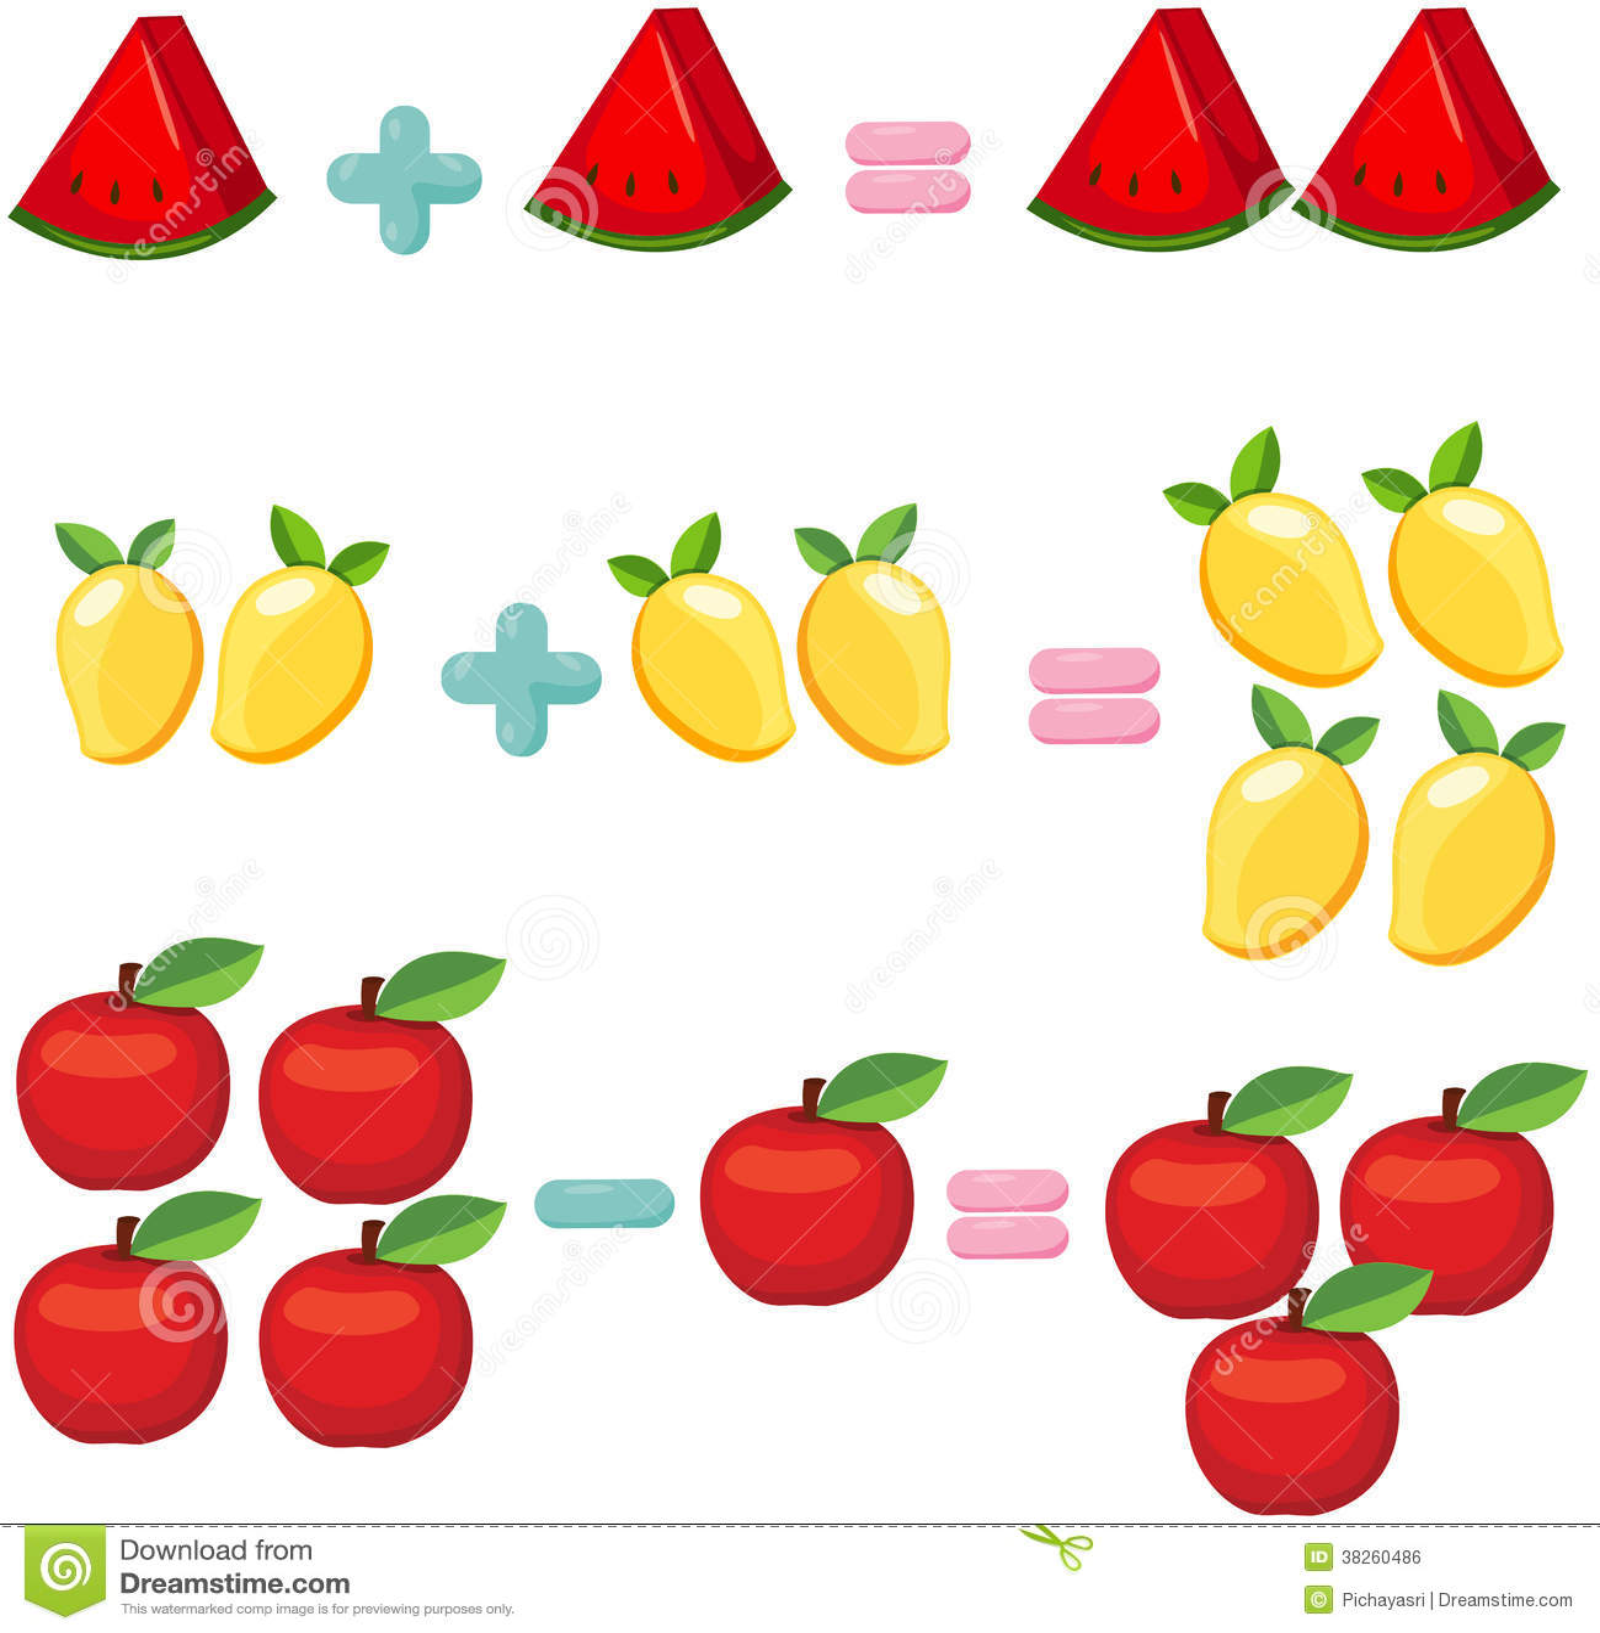 Fruits Pour Apprendre Des Mathematiques Illustration De